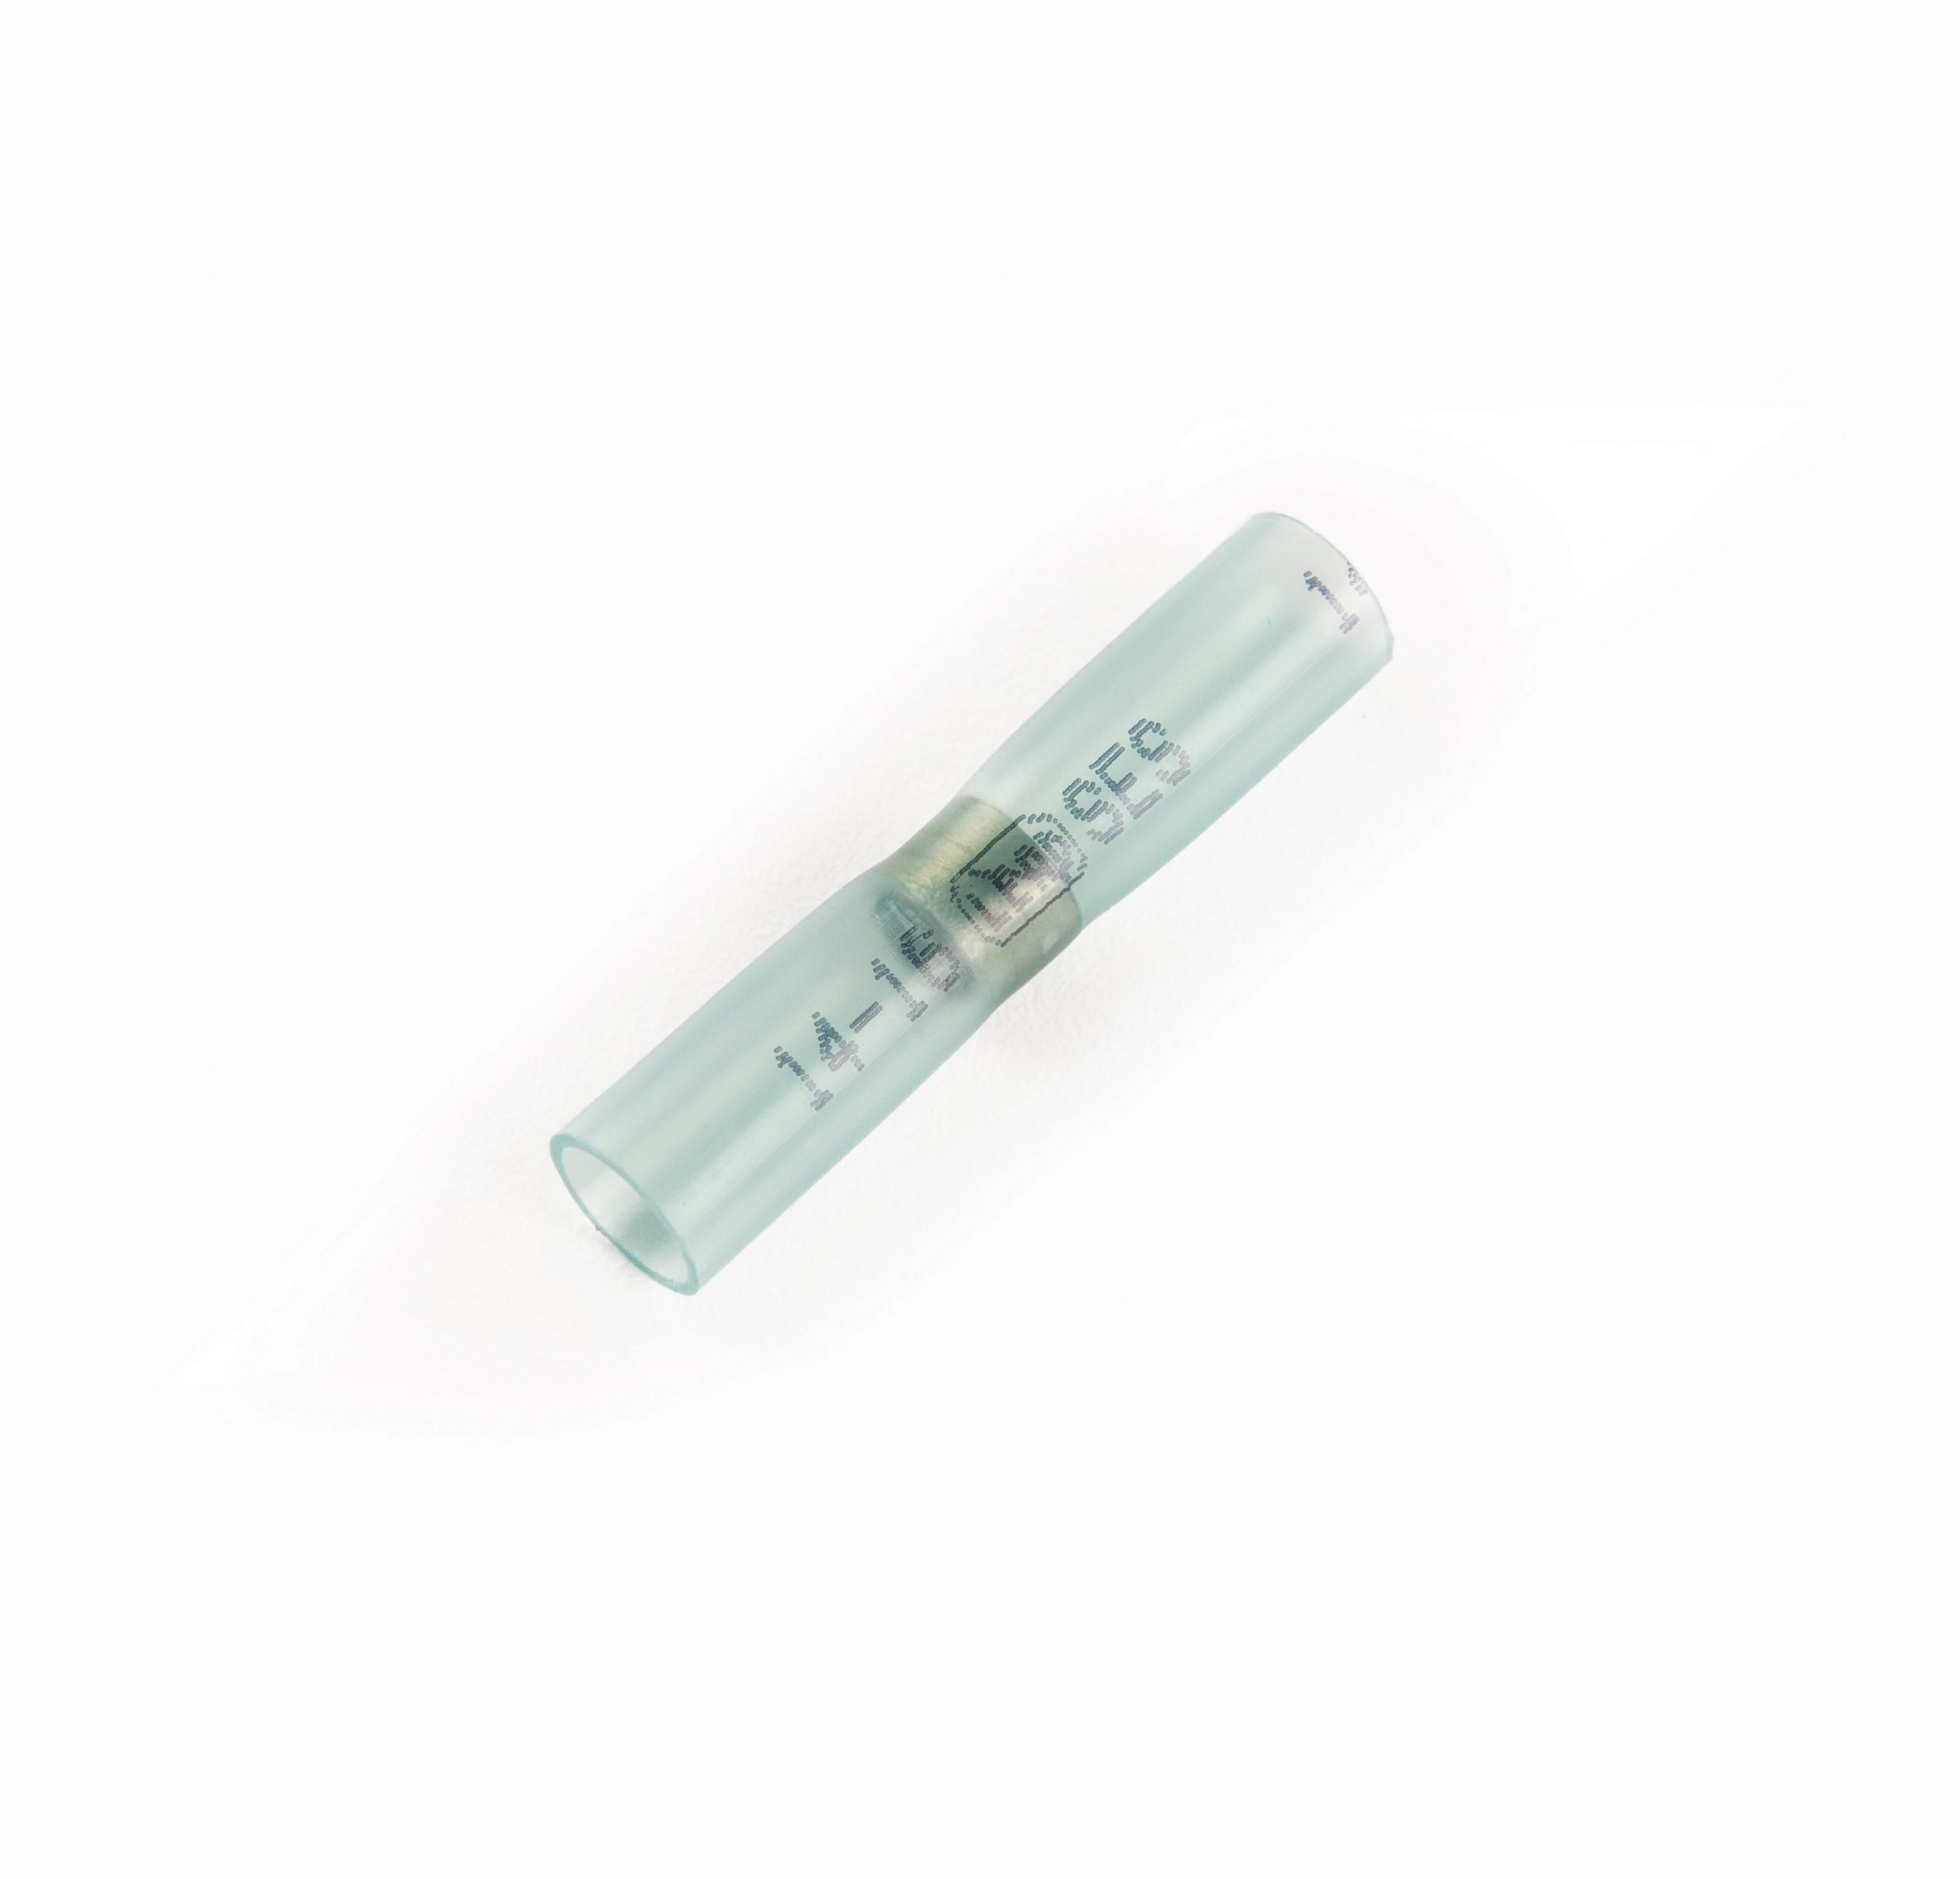 84-2614 – Heat Shrink & Solder Splice Connectors, 16 – 14 Gauge, 15pk